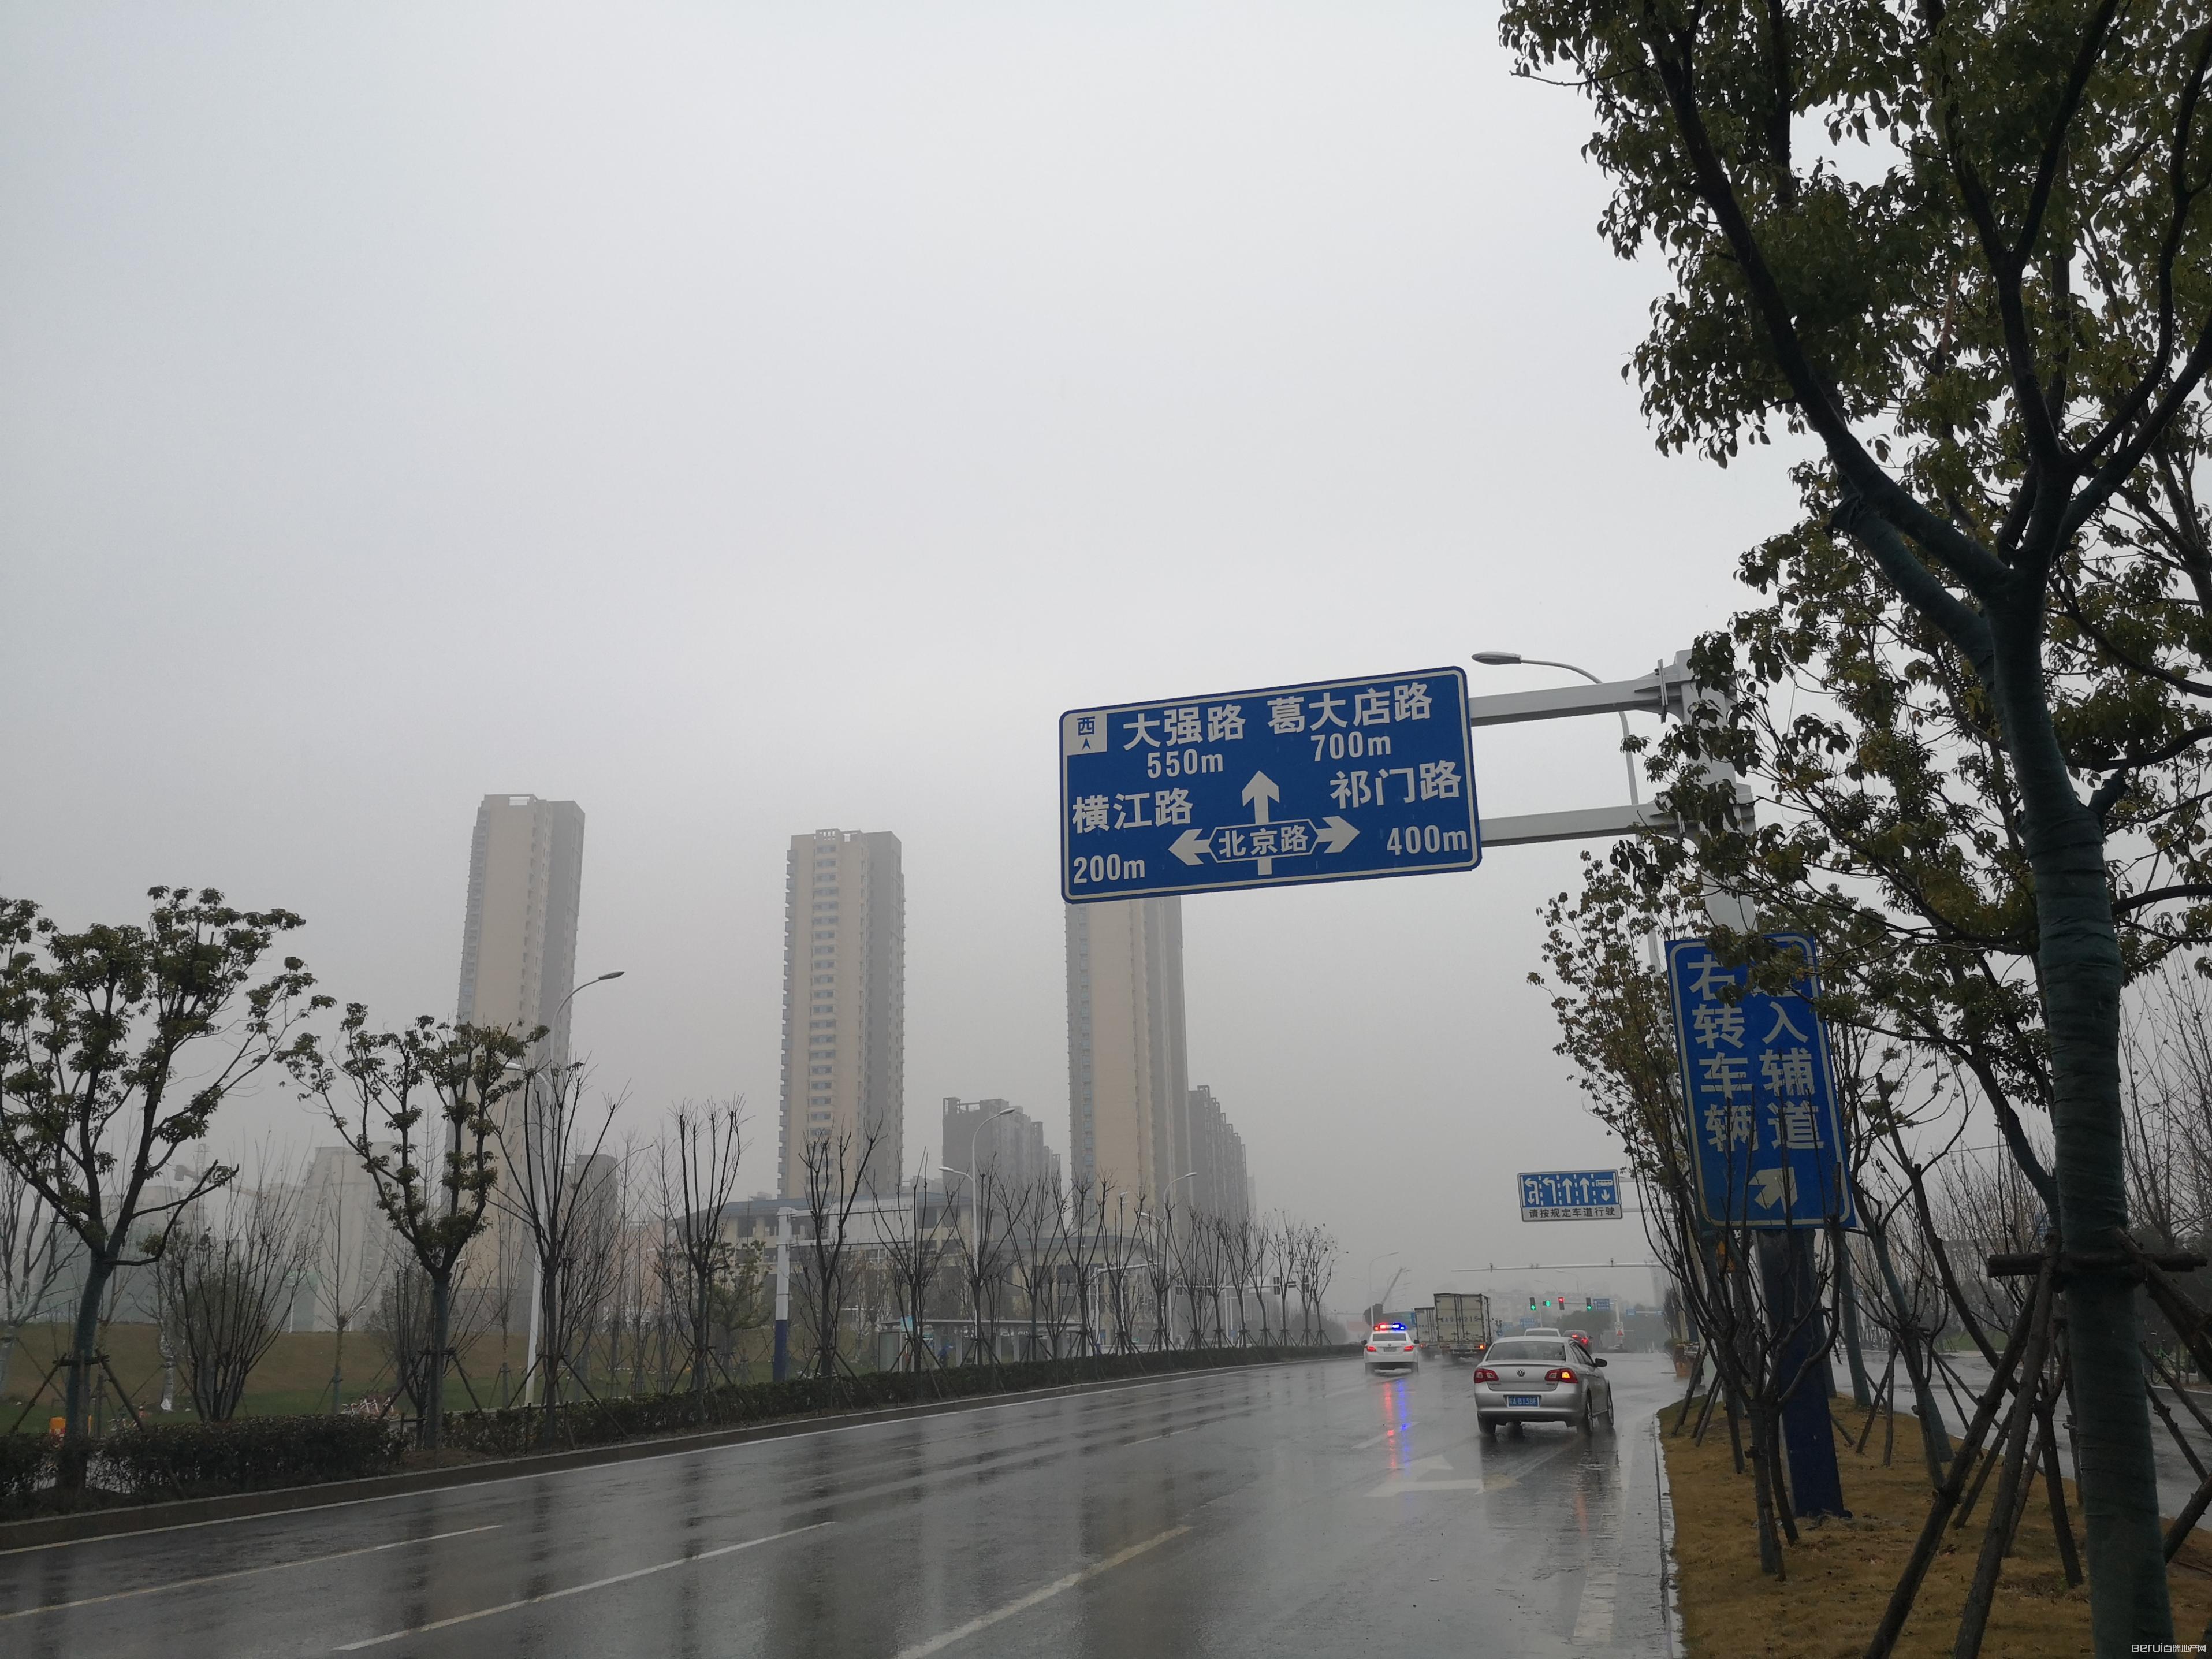 信达华宇·锦绣龙川交通图